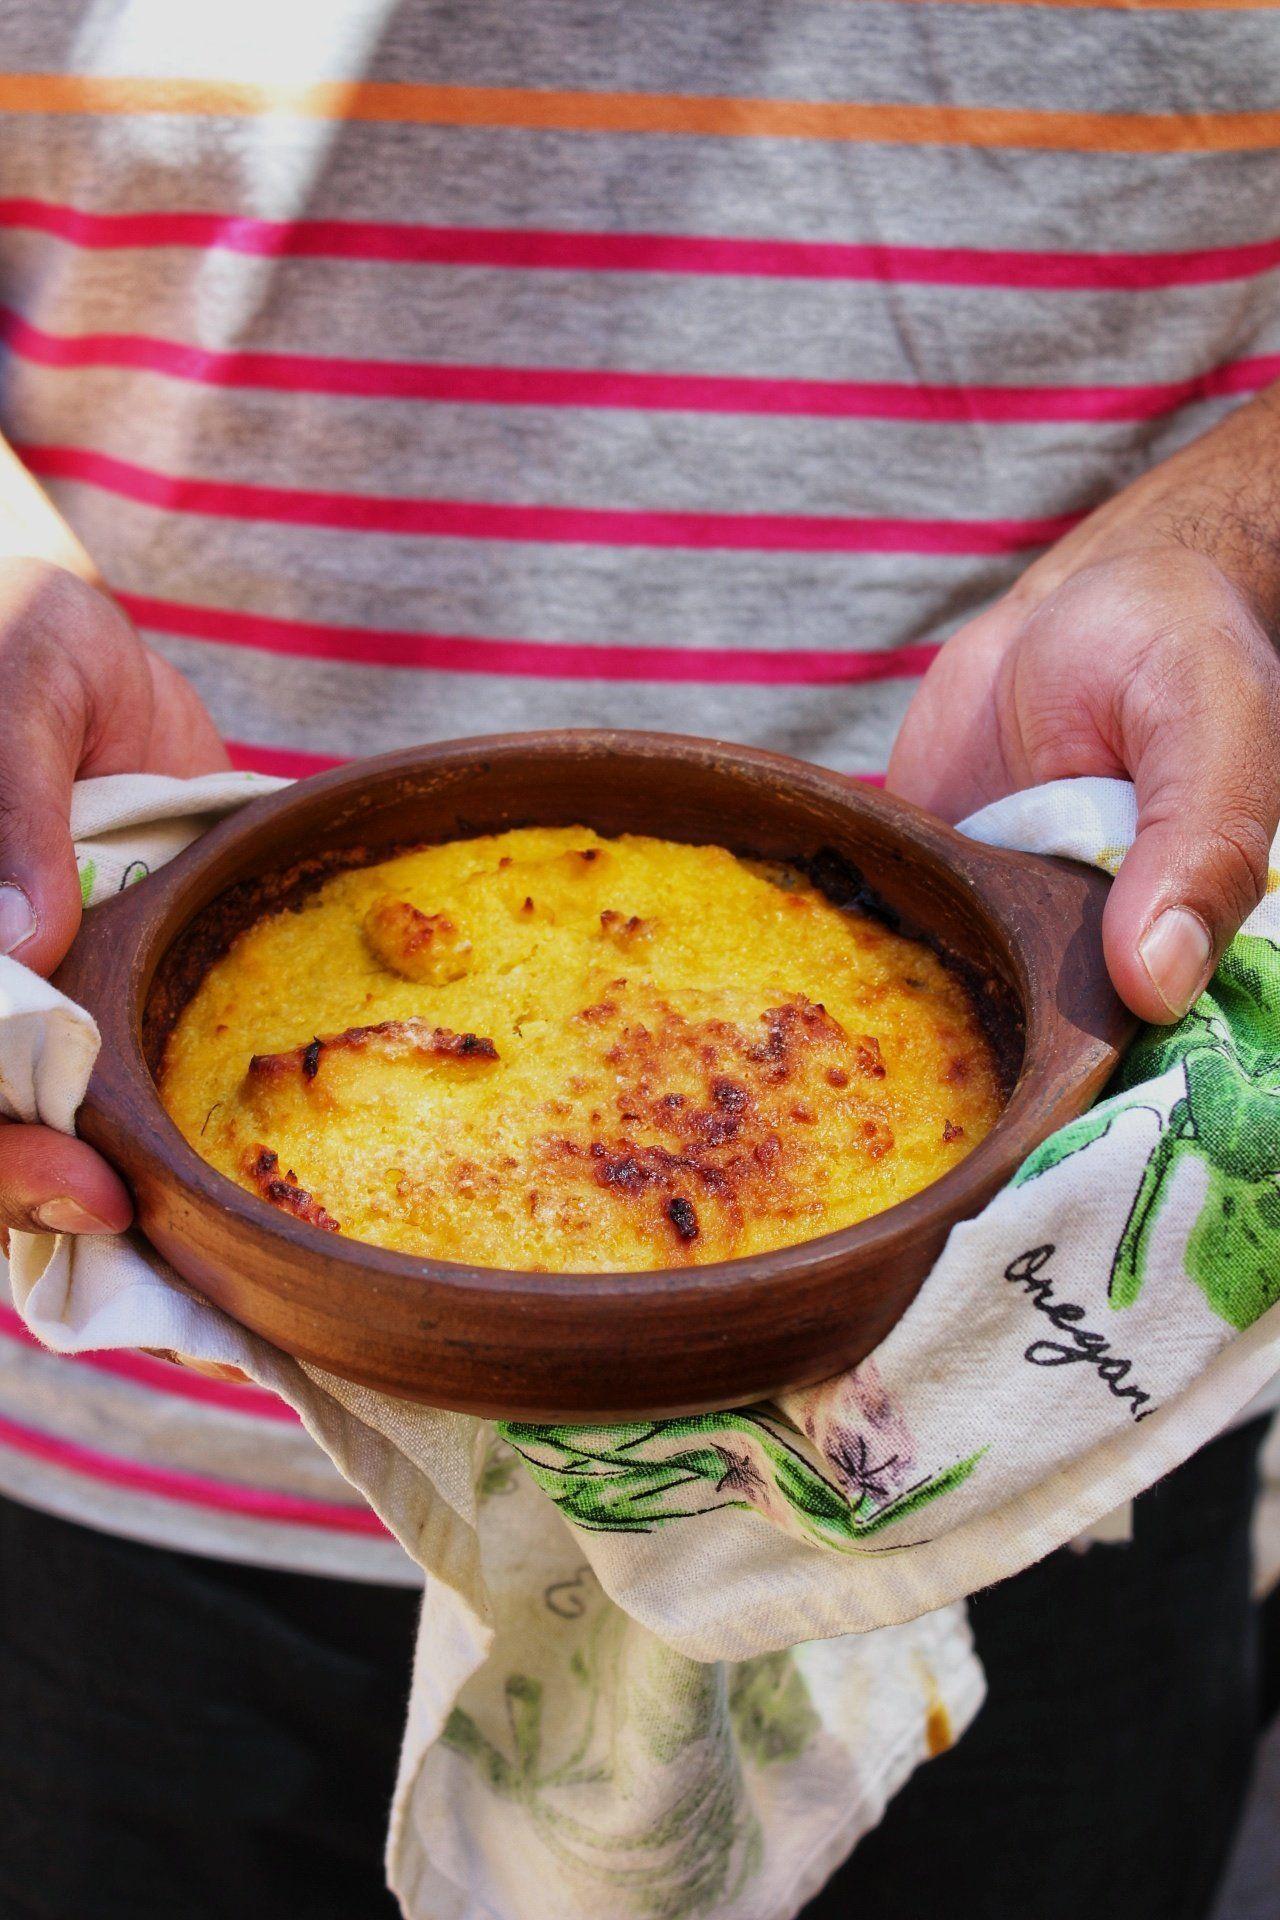 Pastel De Choclo Cocina Chilena Irene Mercadal Receta Pastel De Choclo Cocina Chilena Pastelera De Choclo